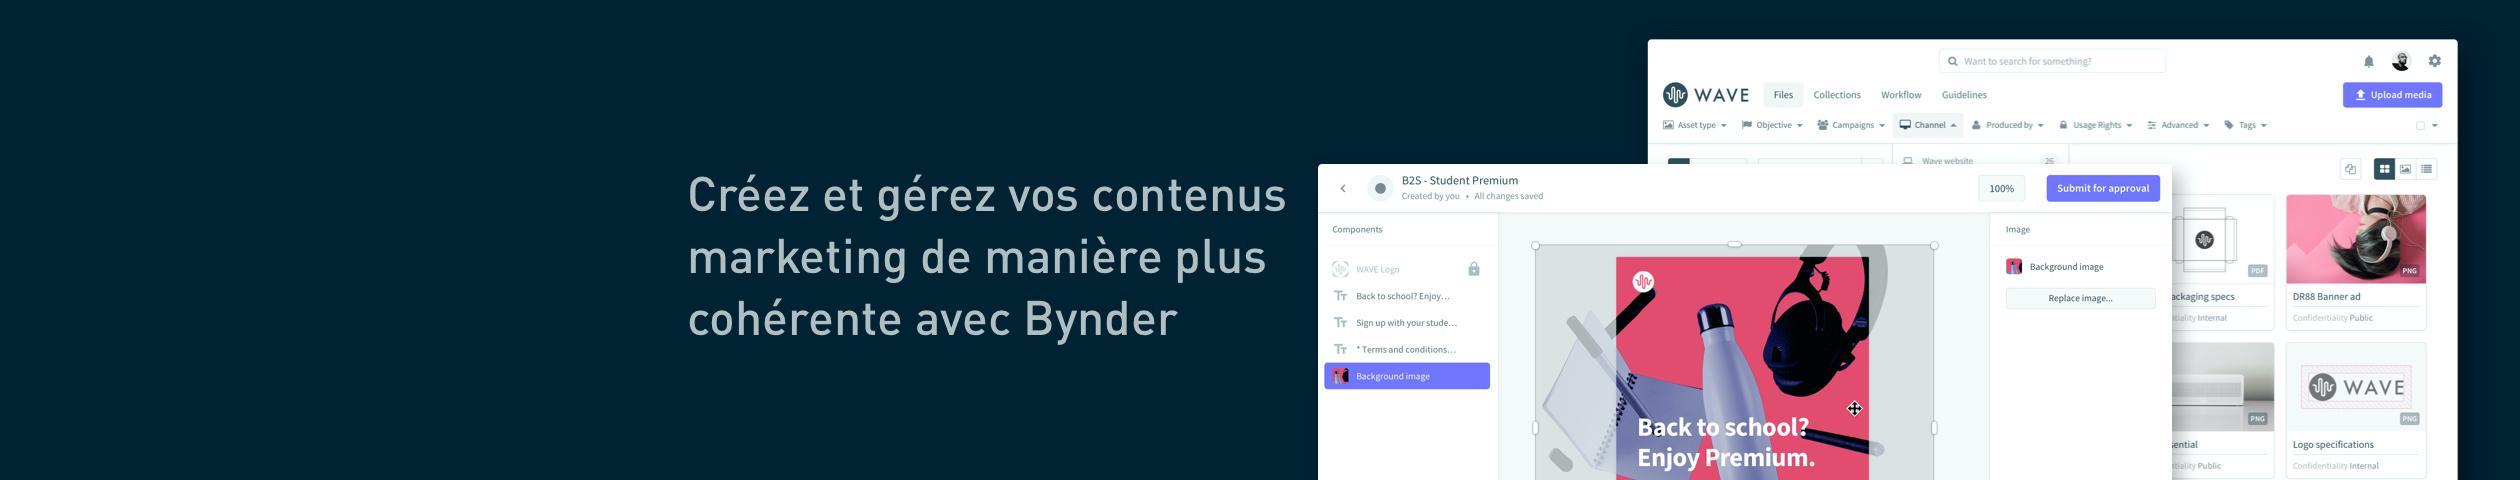 Avis Bynder : DAM, Photothèque et gestion de marque - appvizer